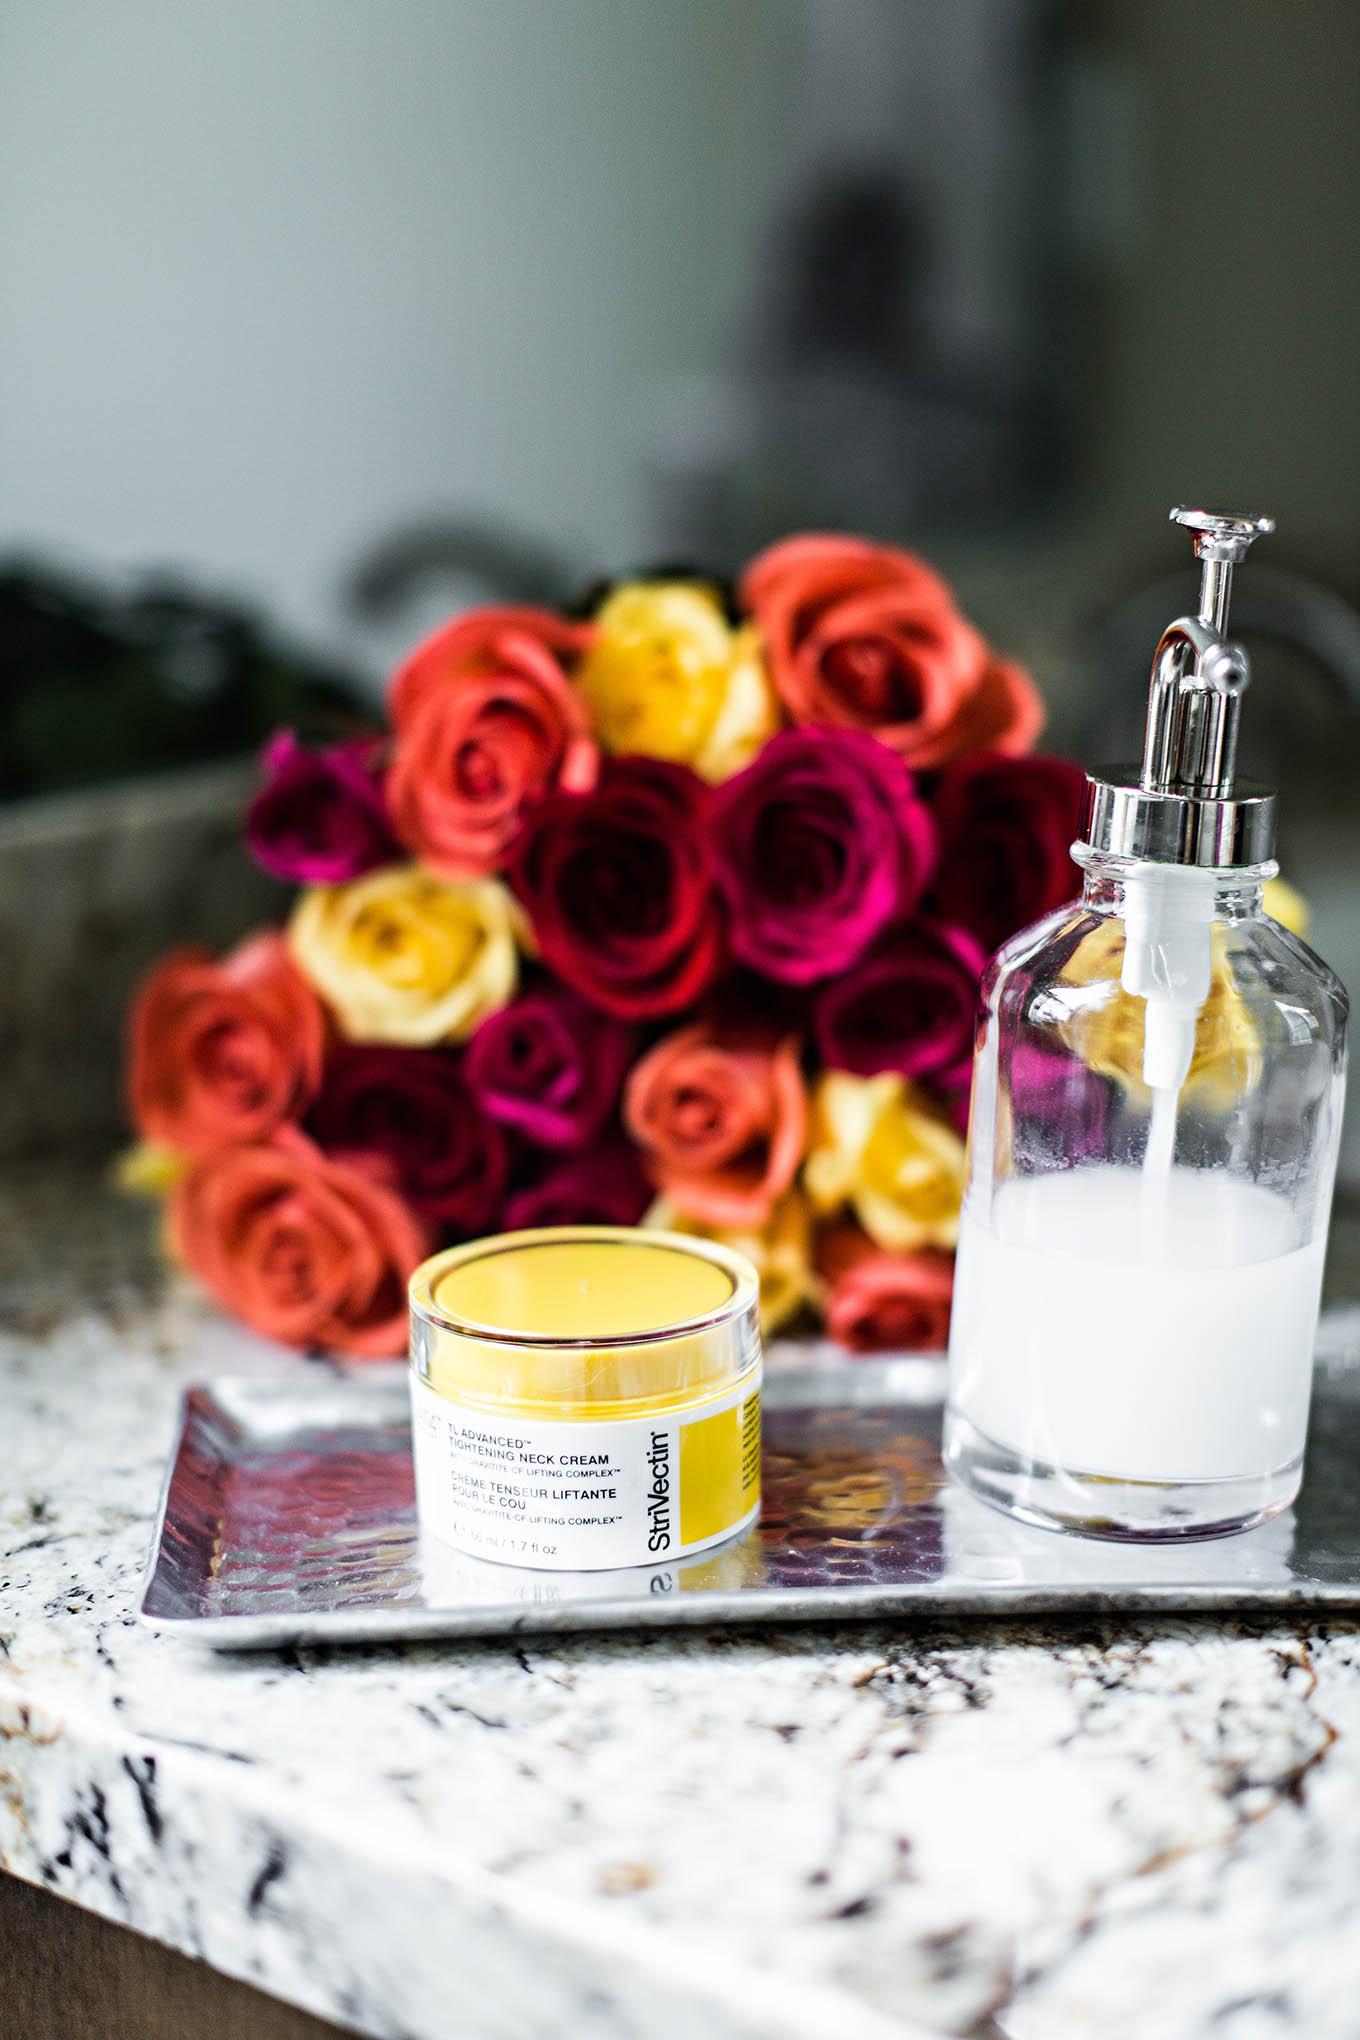 strivectin lighr neck tightening cream